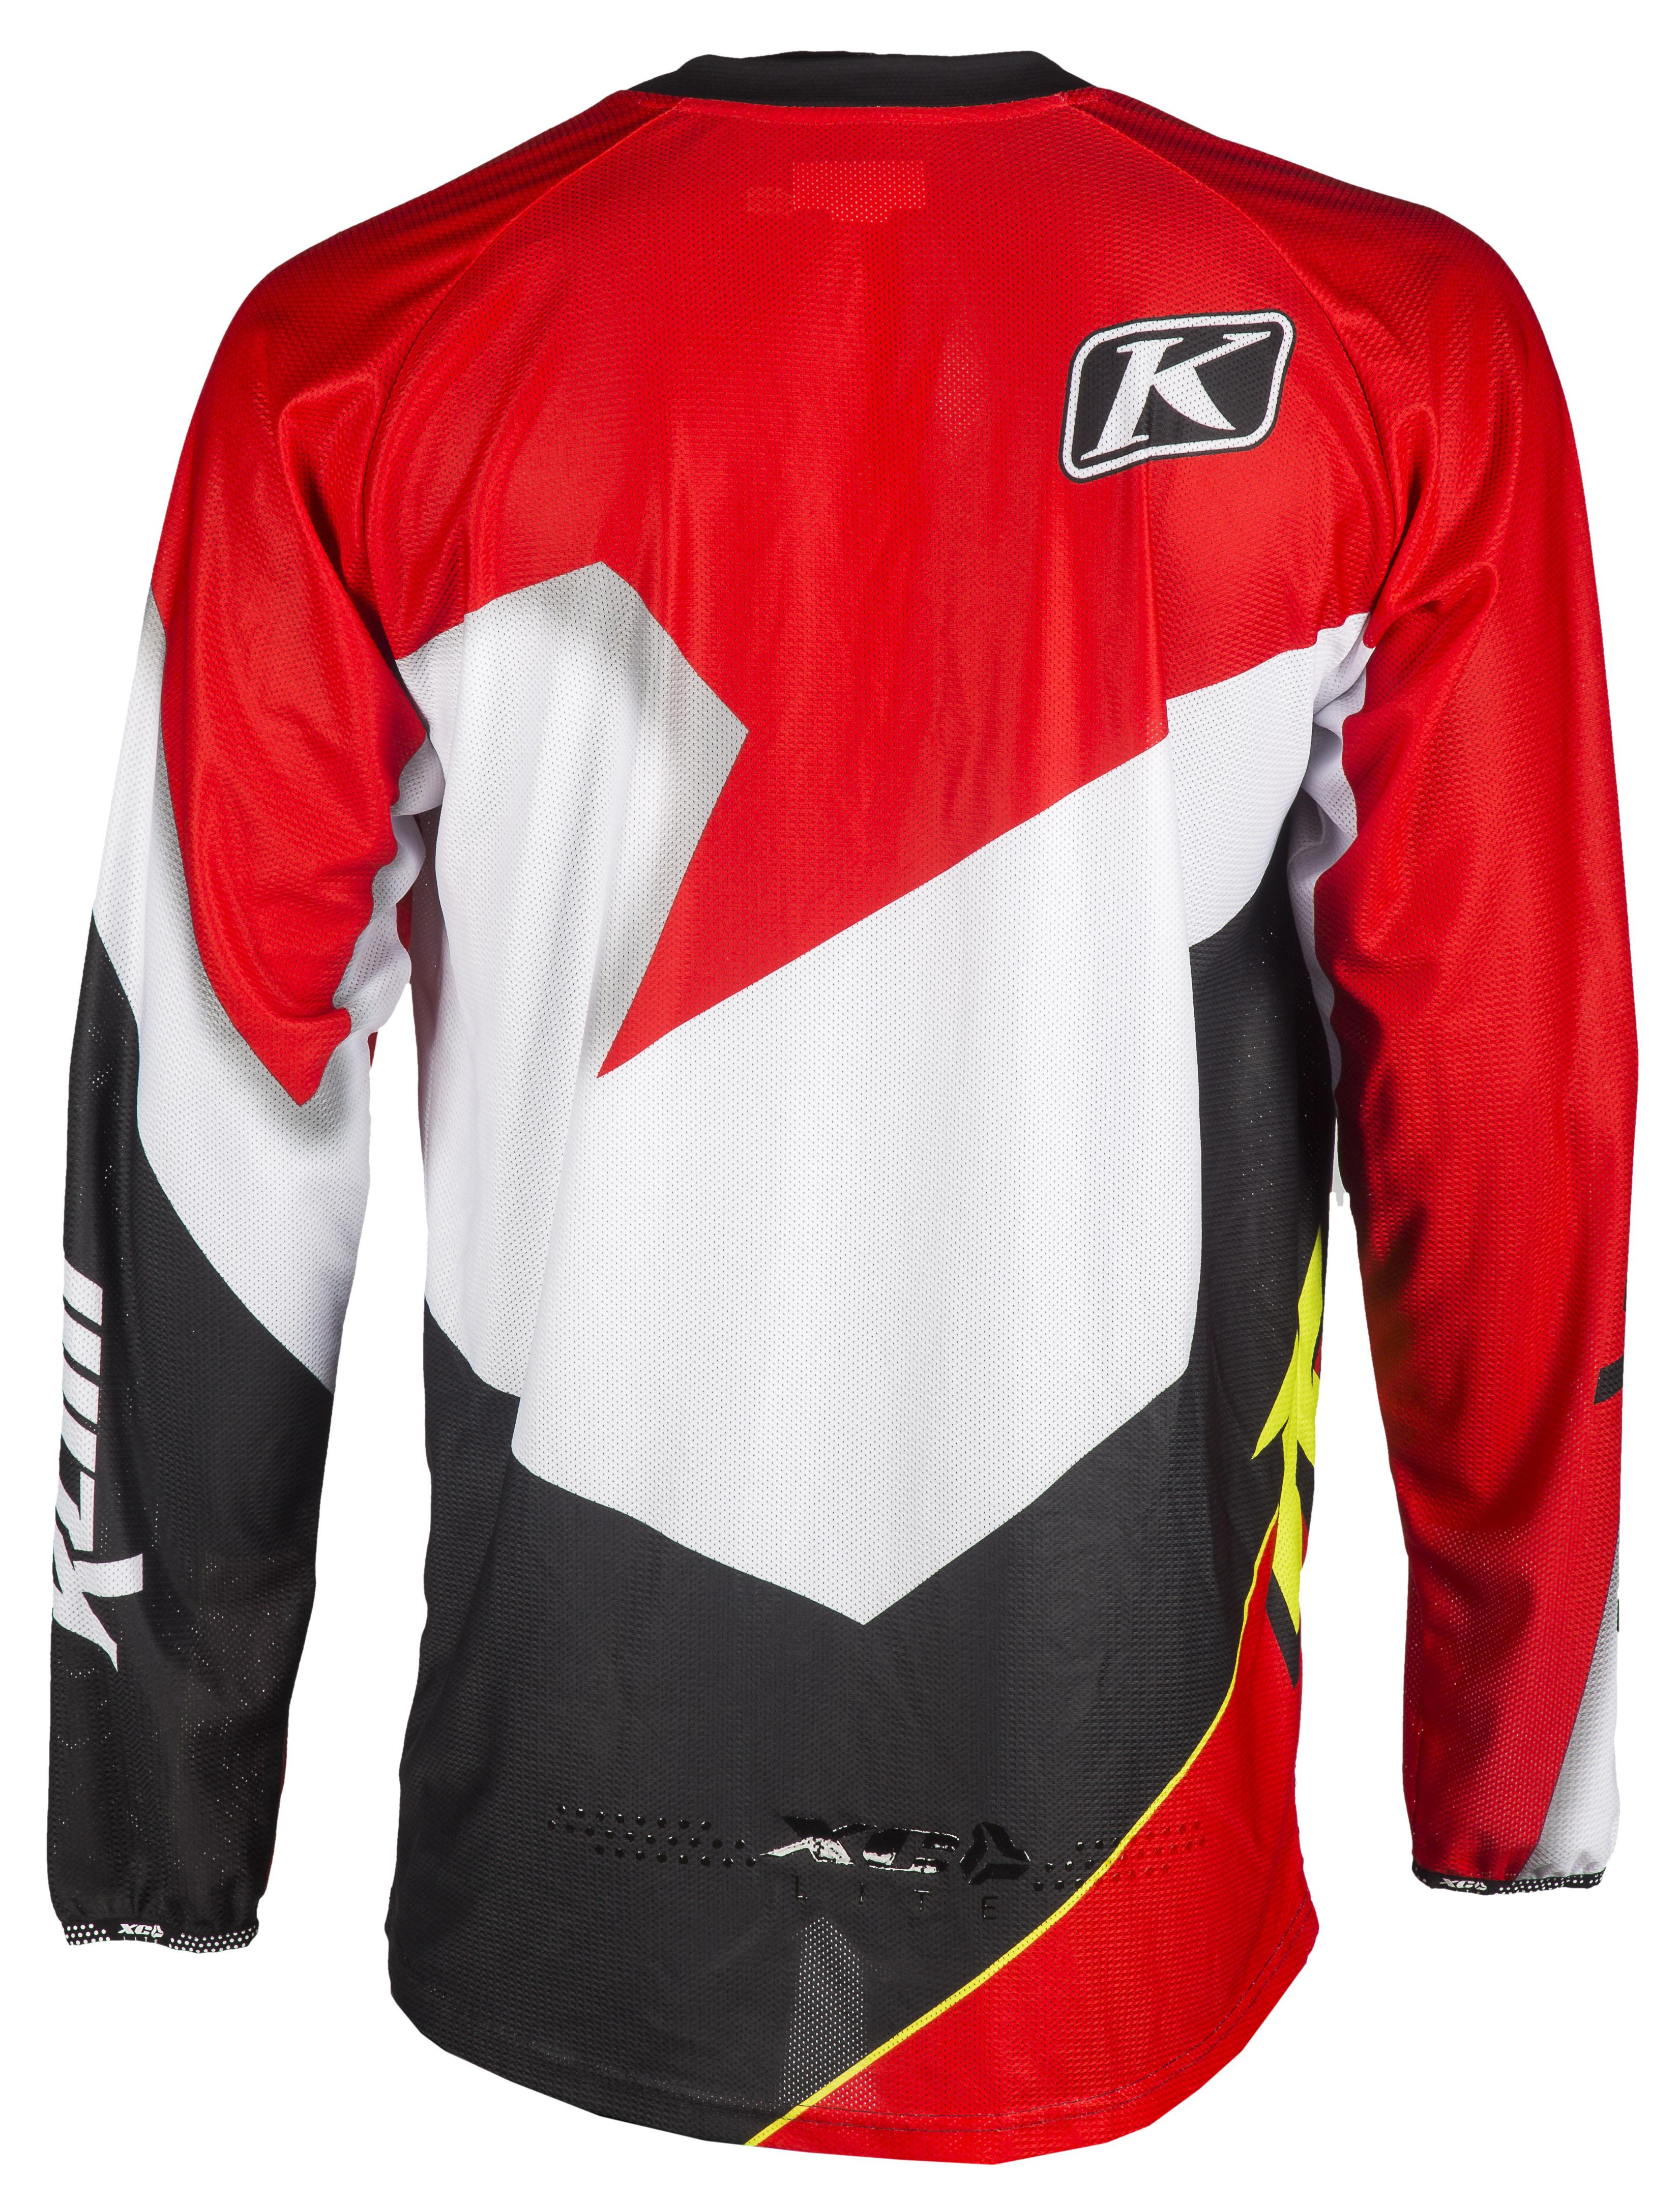 XC LITE Jersey 5003-002-100 D1